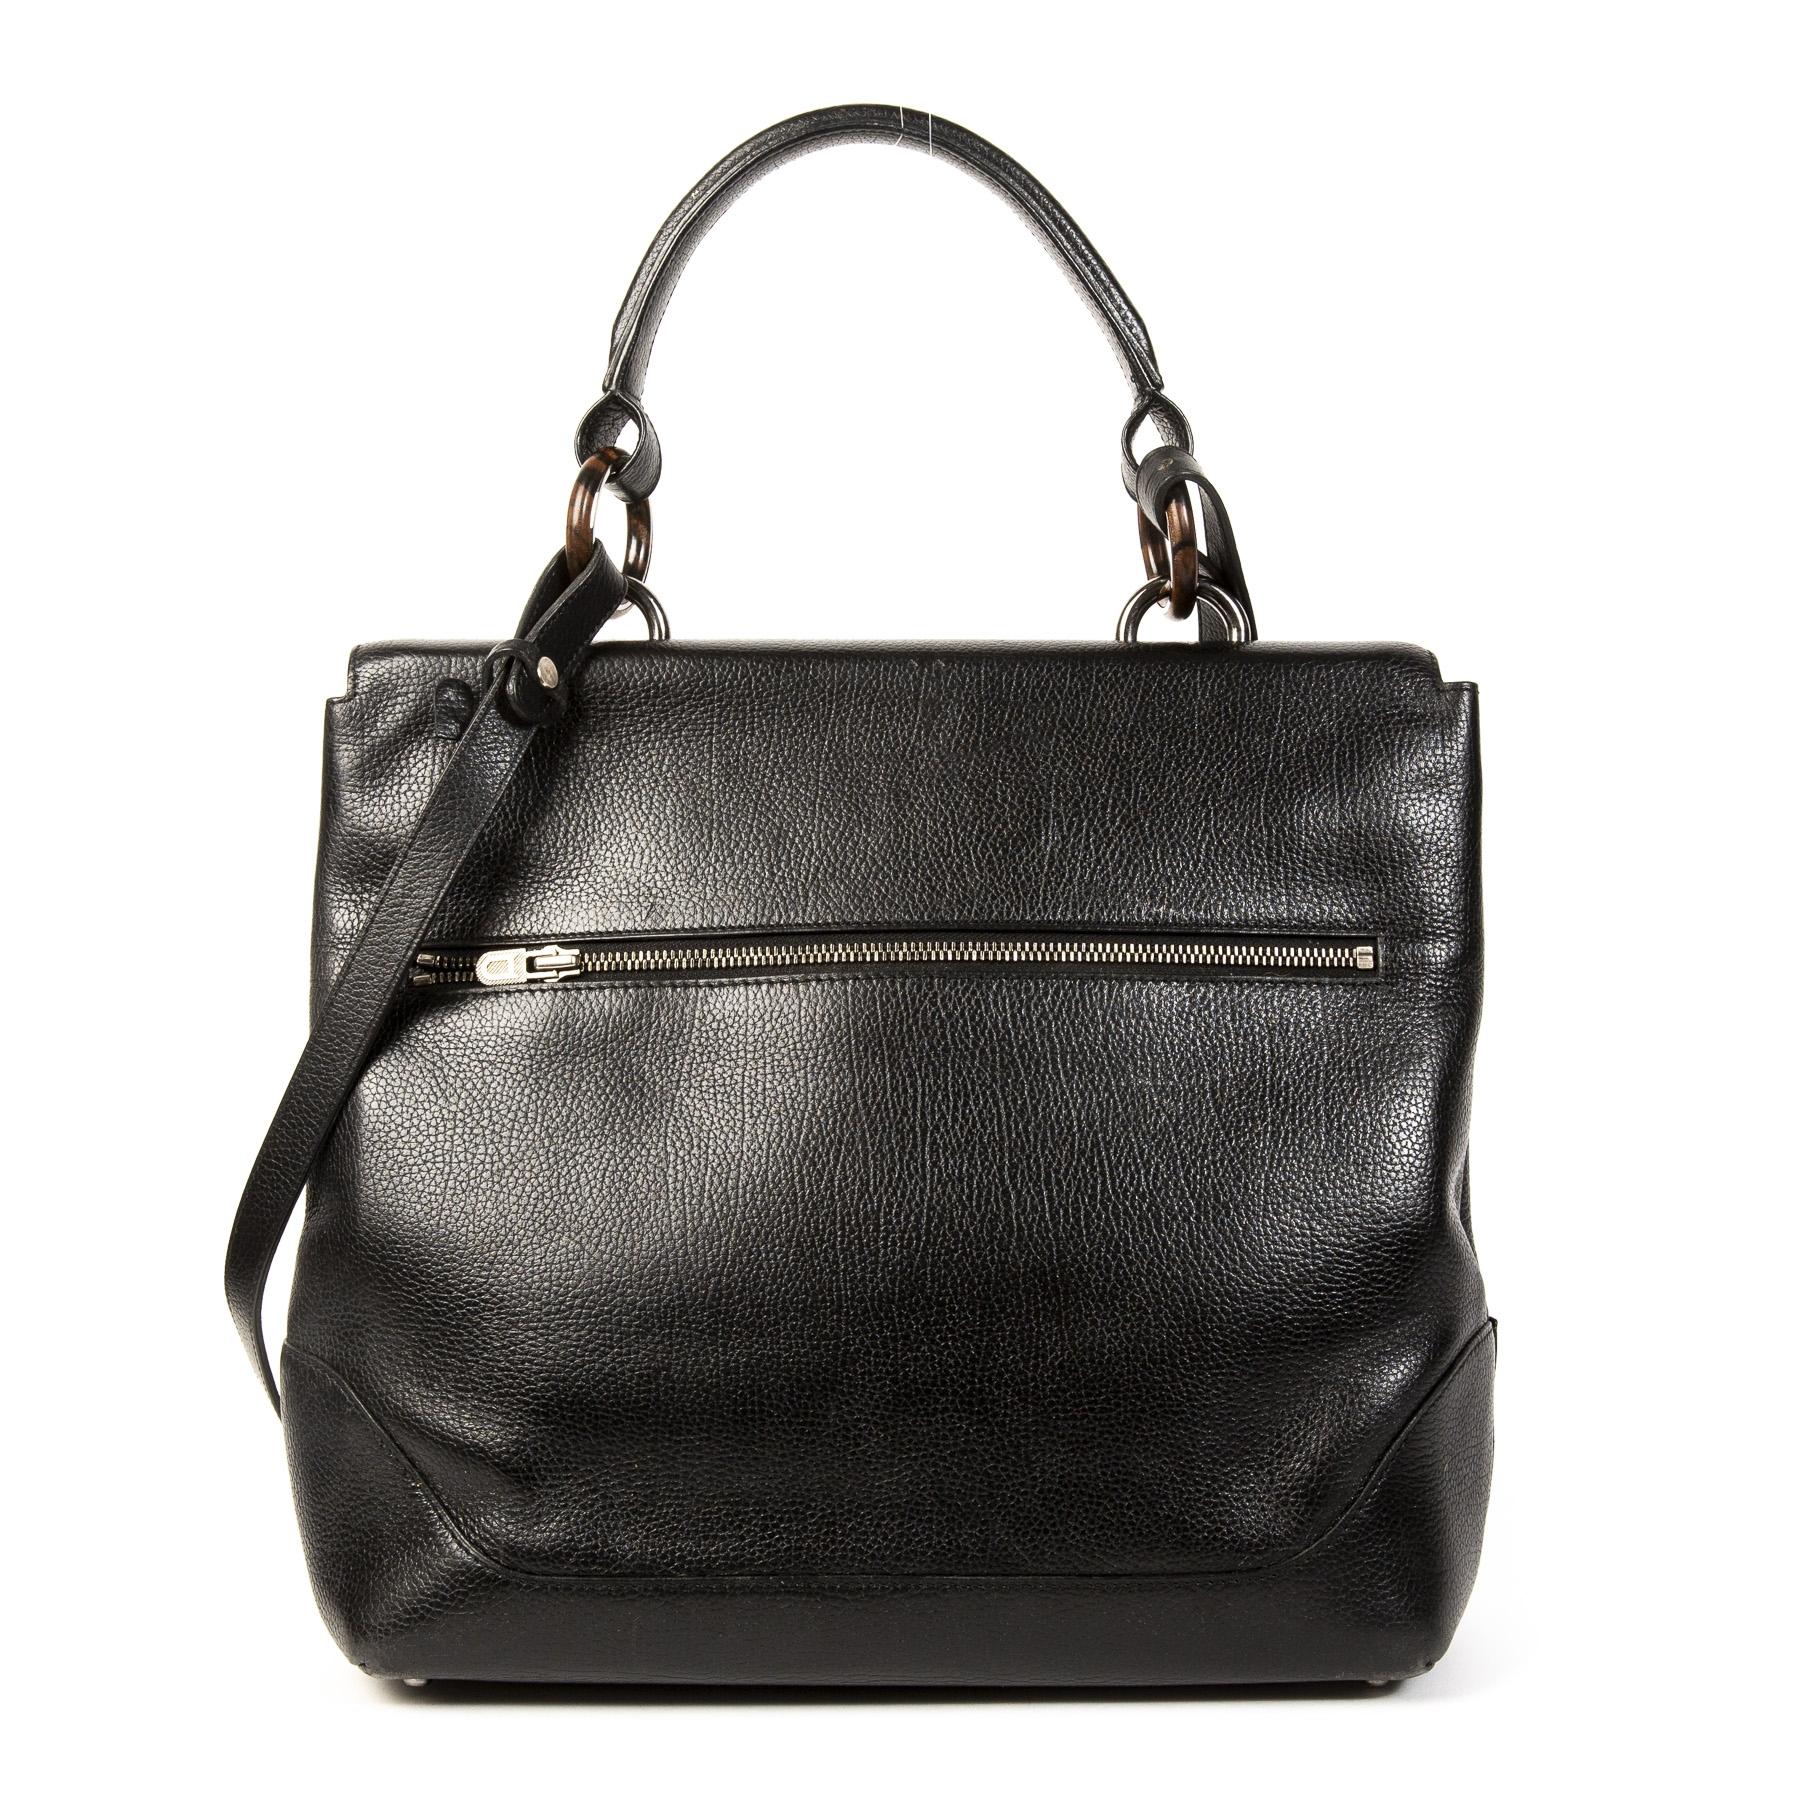 Authentieke Tweedehands Delvaux Black Leather Silver Clasp Shoulder Bag juiste prijs veilig online shoppen luxe merken webshop winkelen Antwerpen België mode fashion